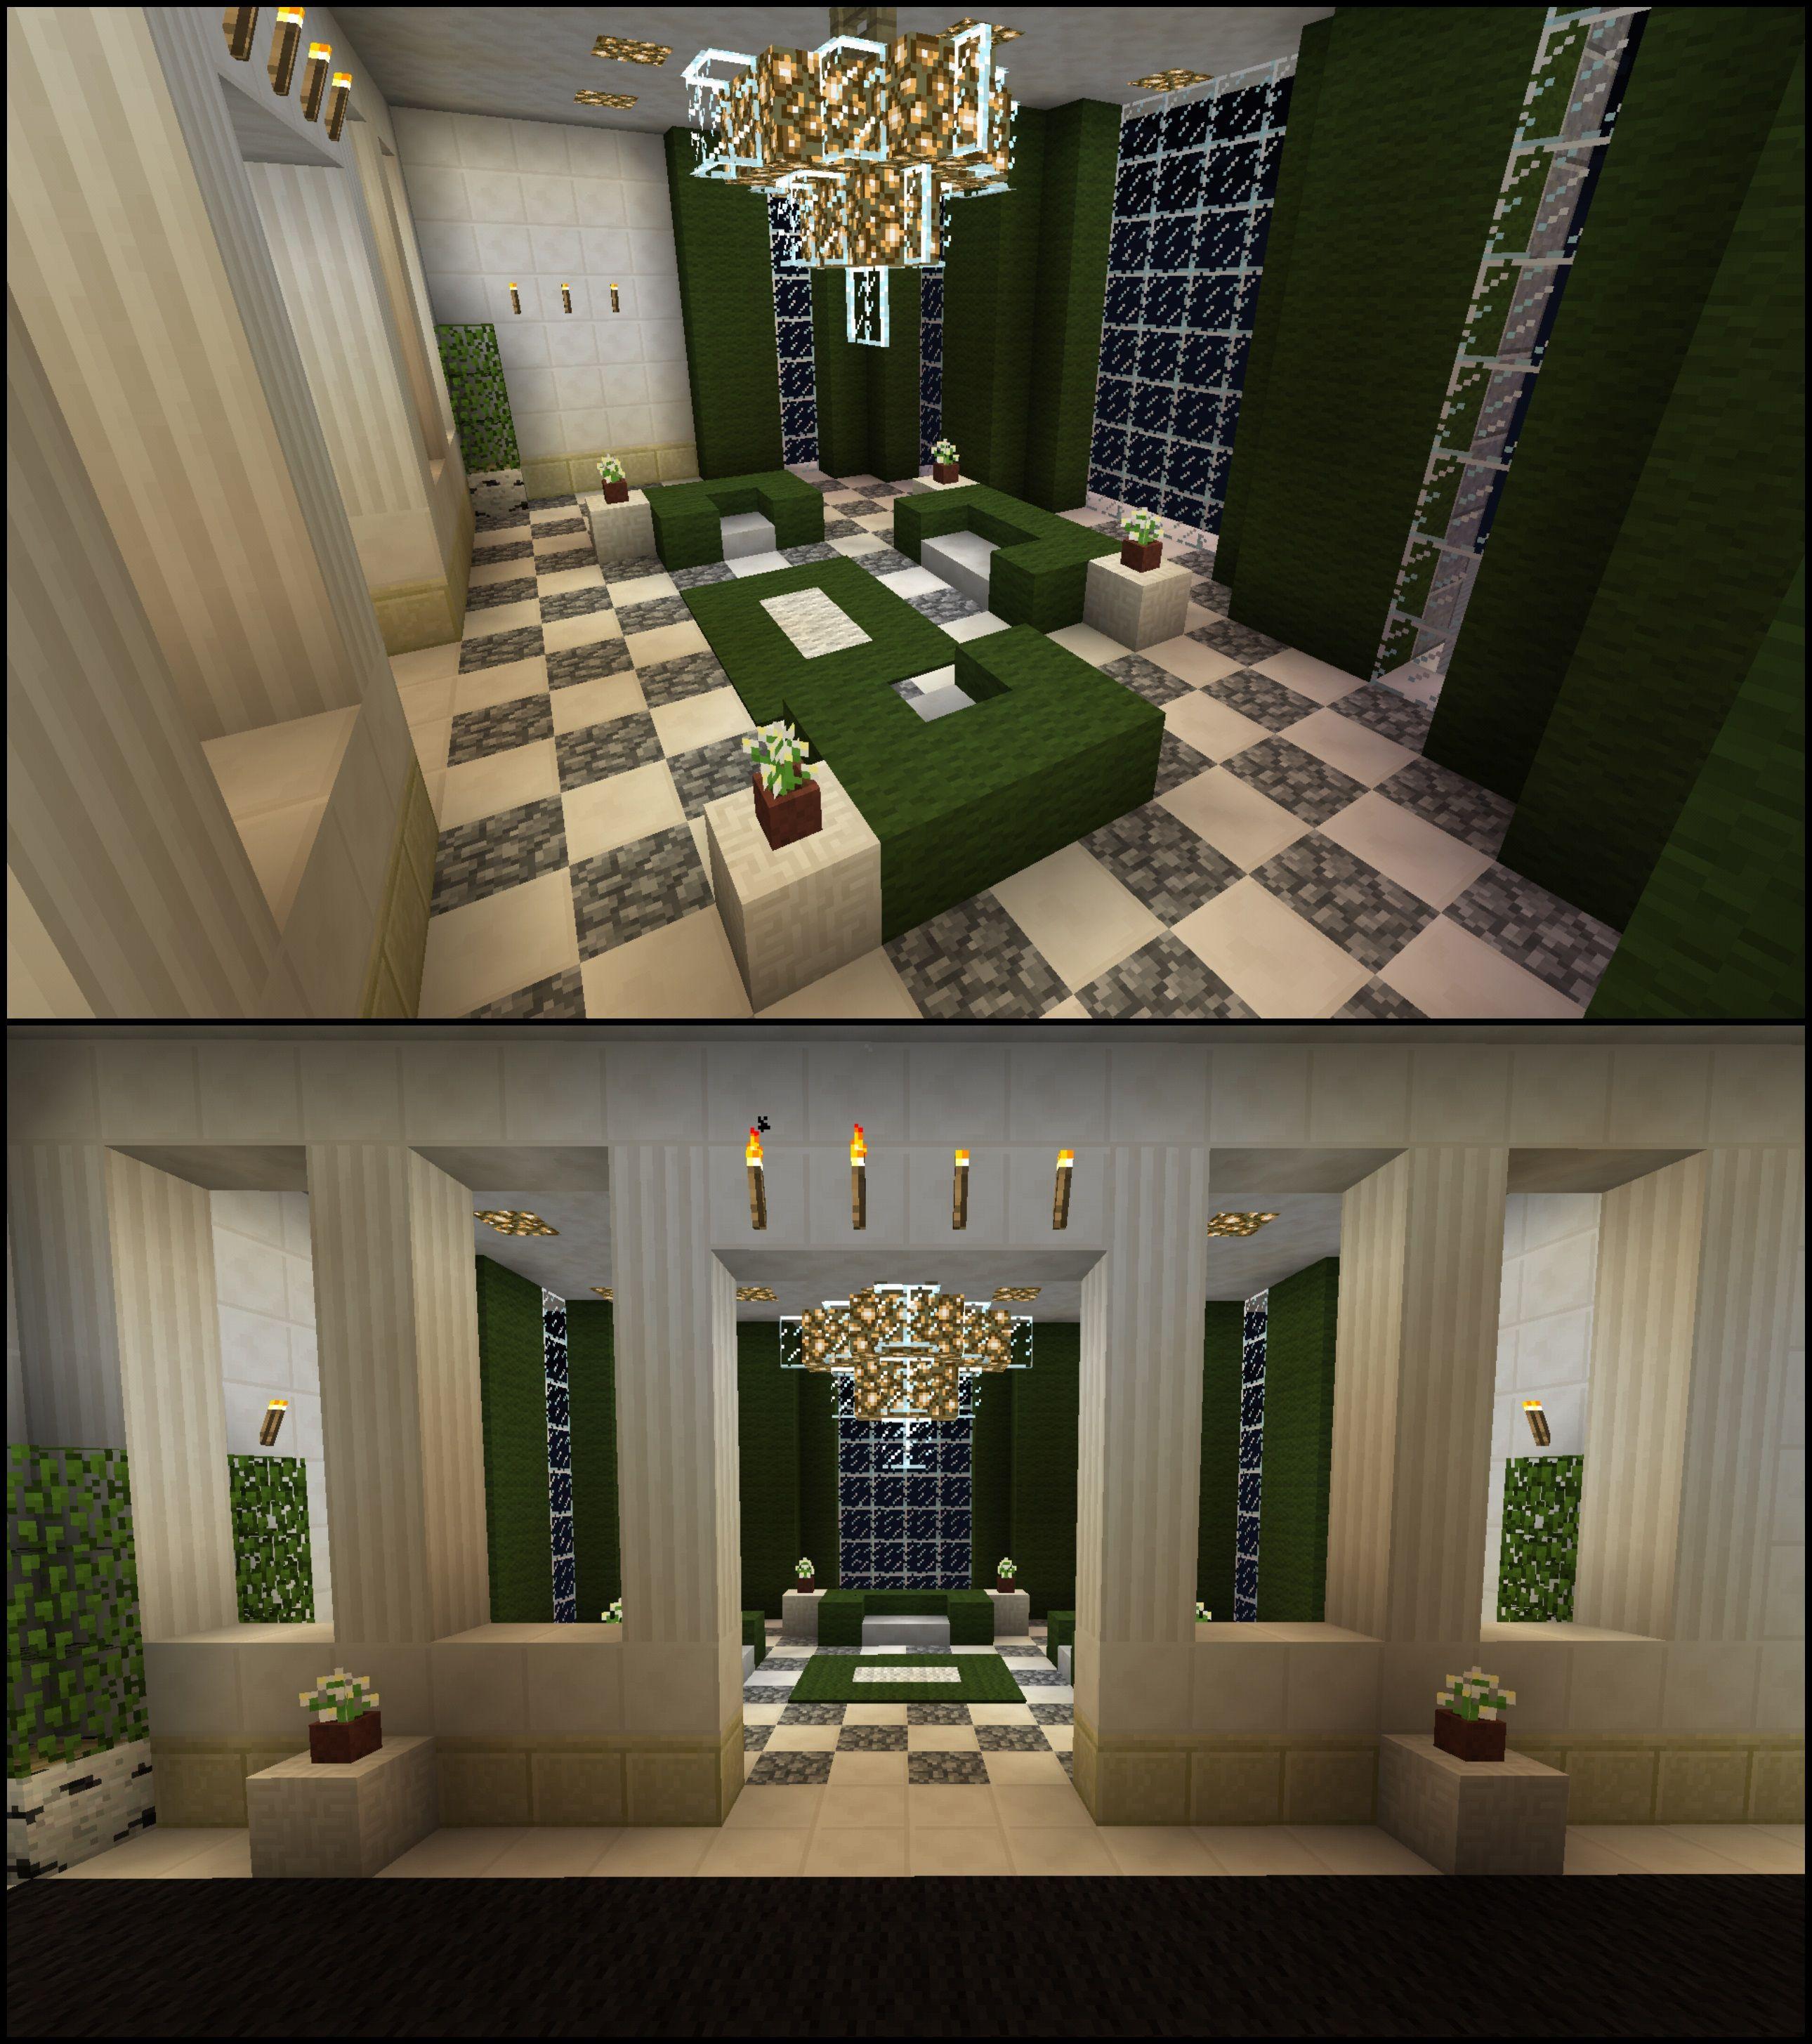 Minecraft Kitchen Ideas: Minecraft Green Living Room Furniture Curtains Chandelier